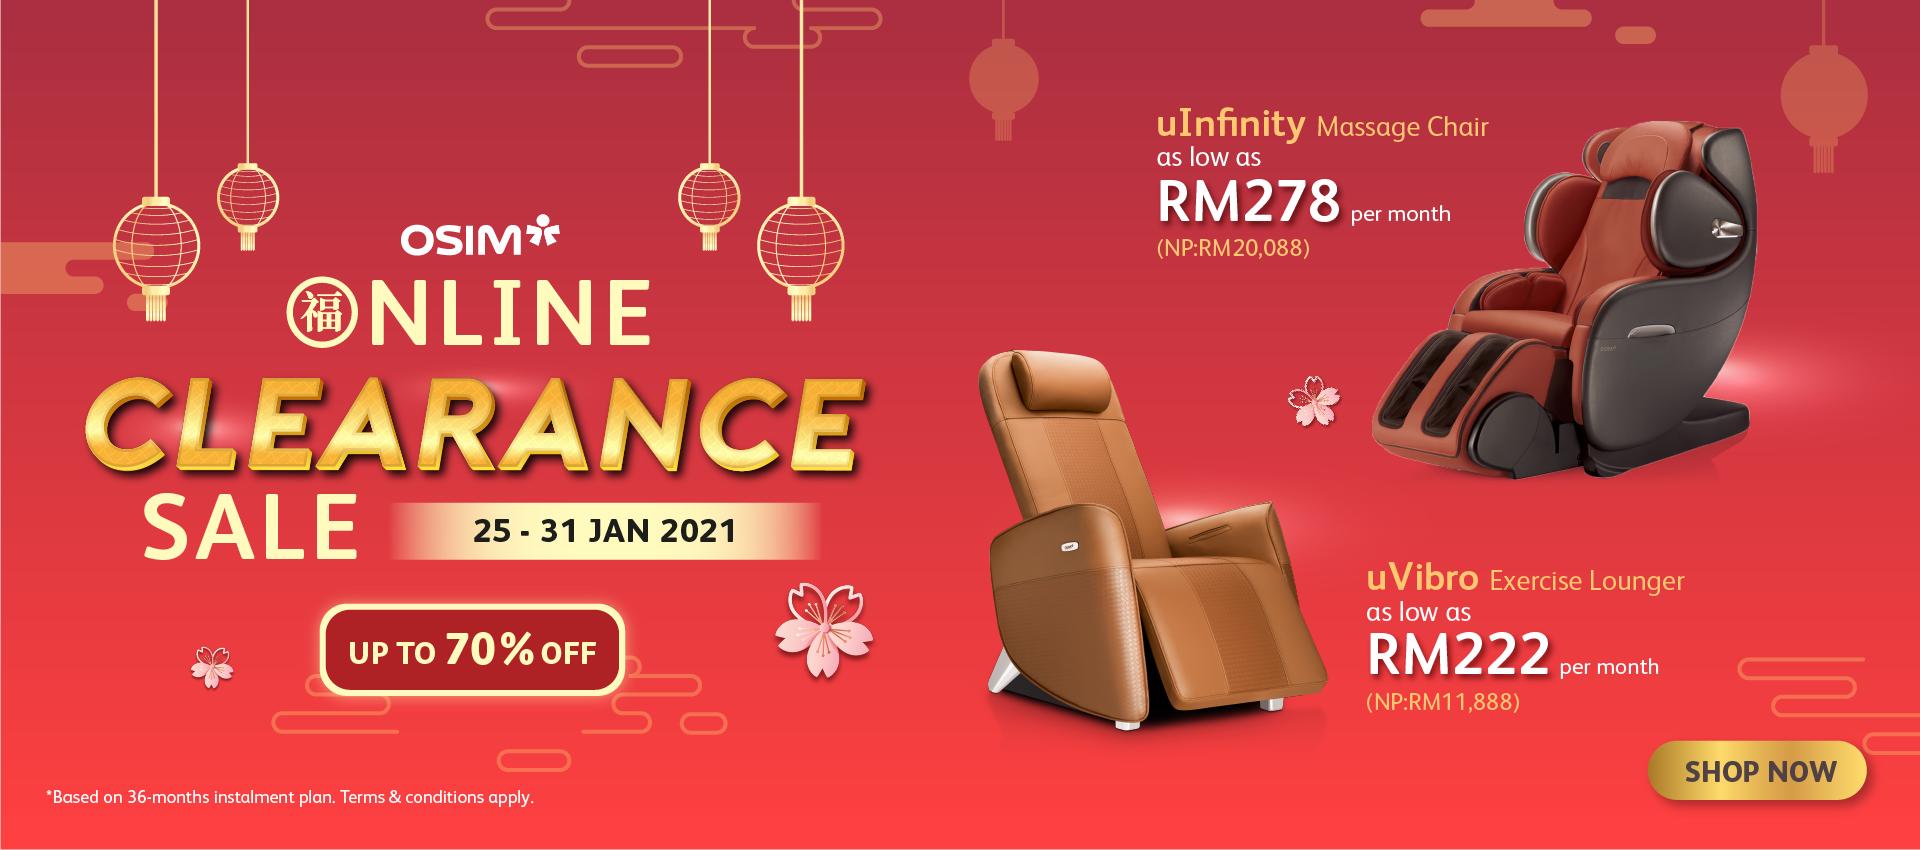 Online Clearance Sale (25 - 31 Jan 2021)